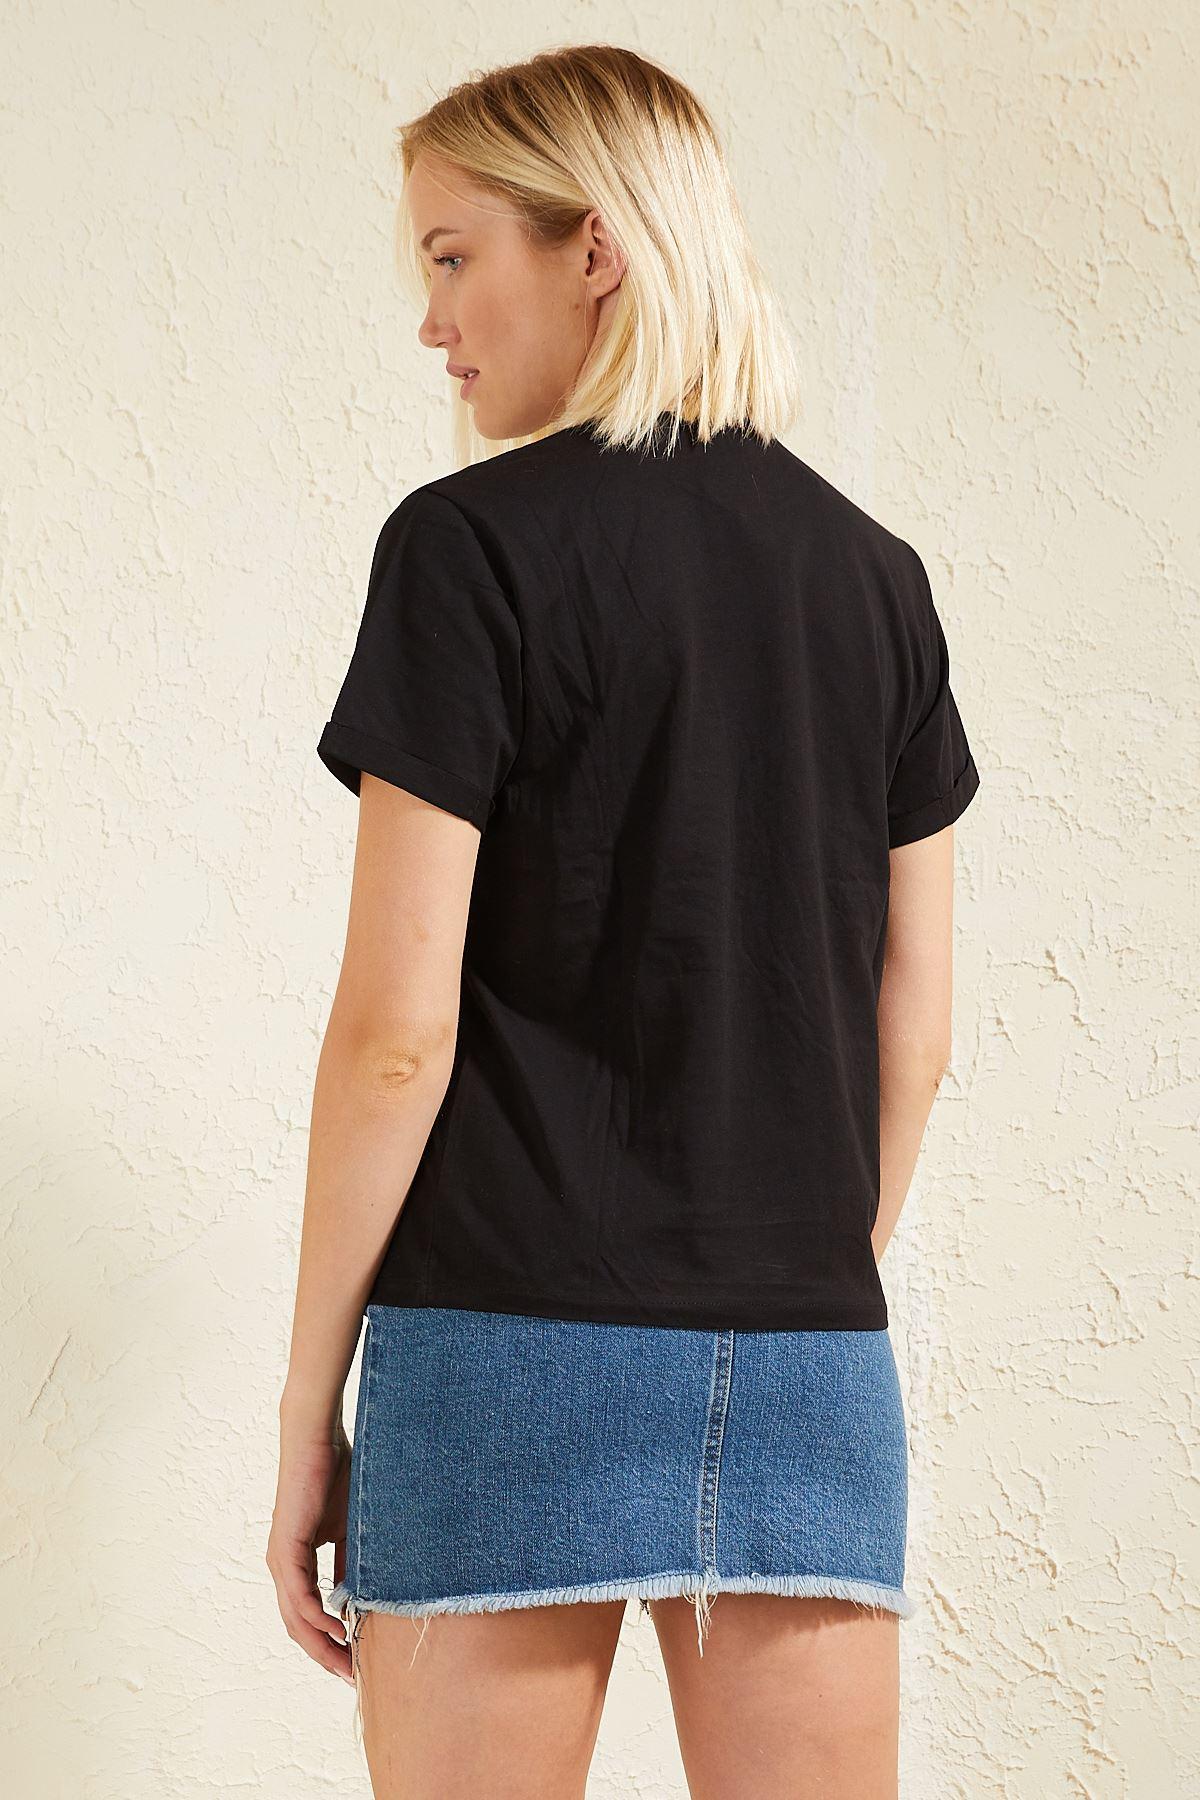 Flamingo Baskılı Kadın T-shirt